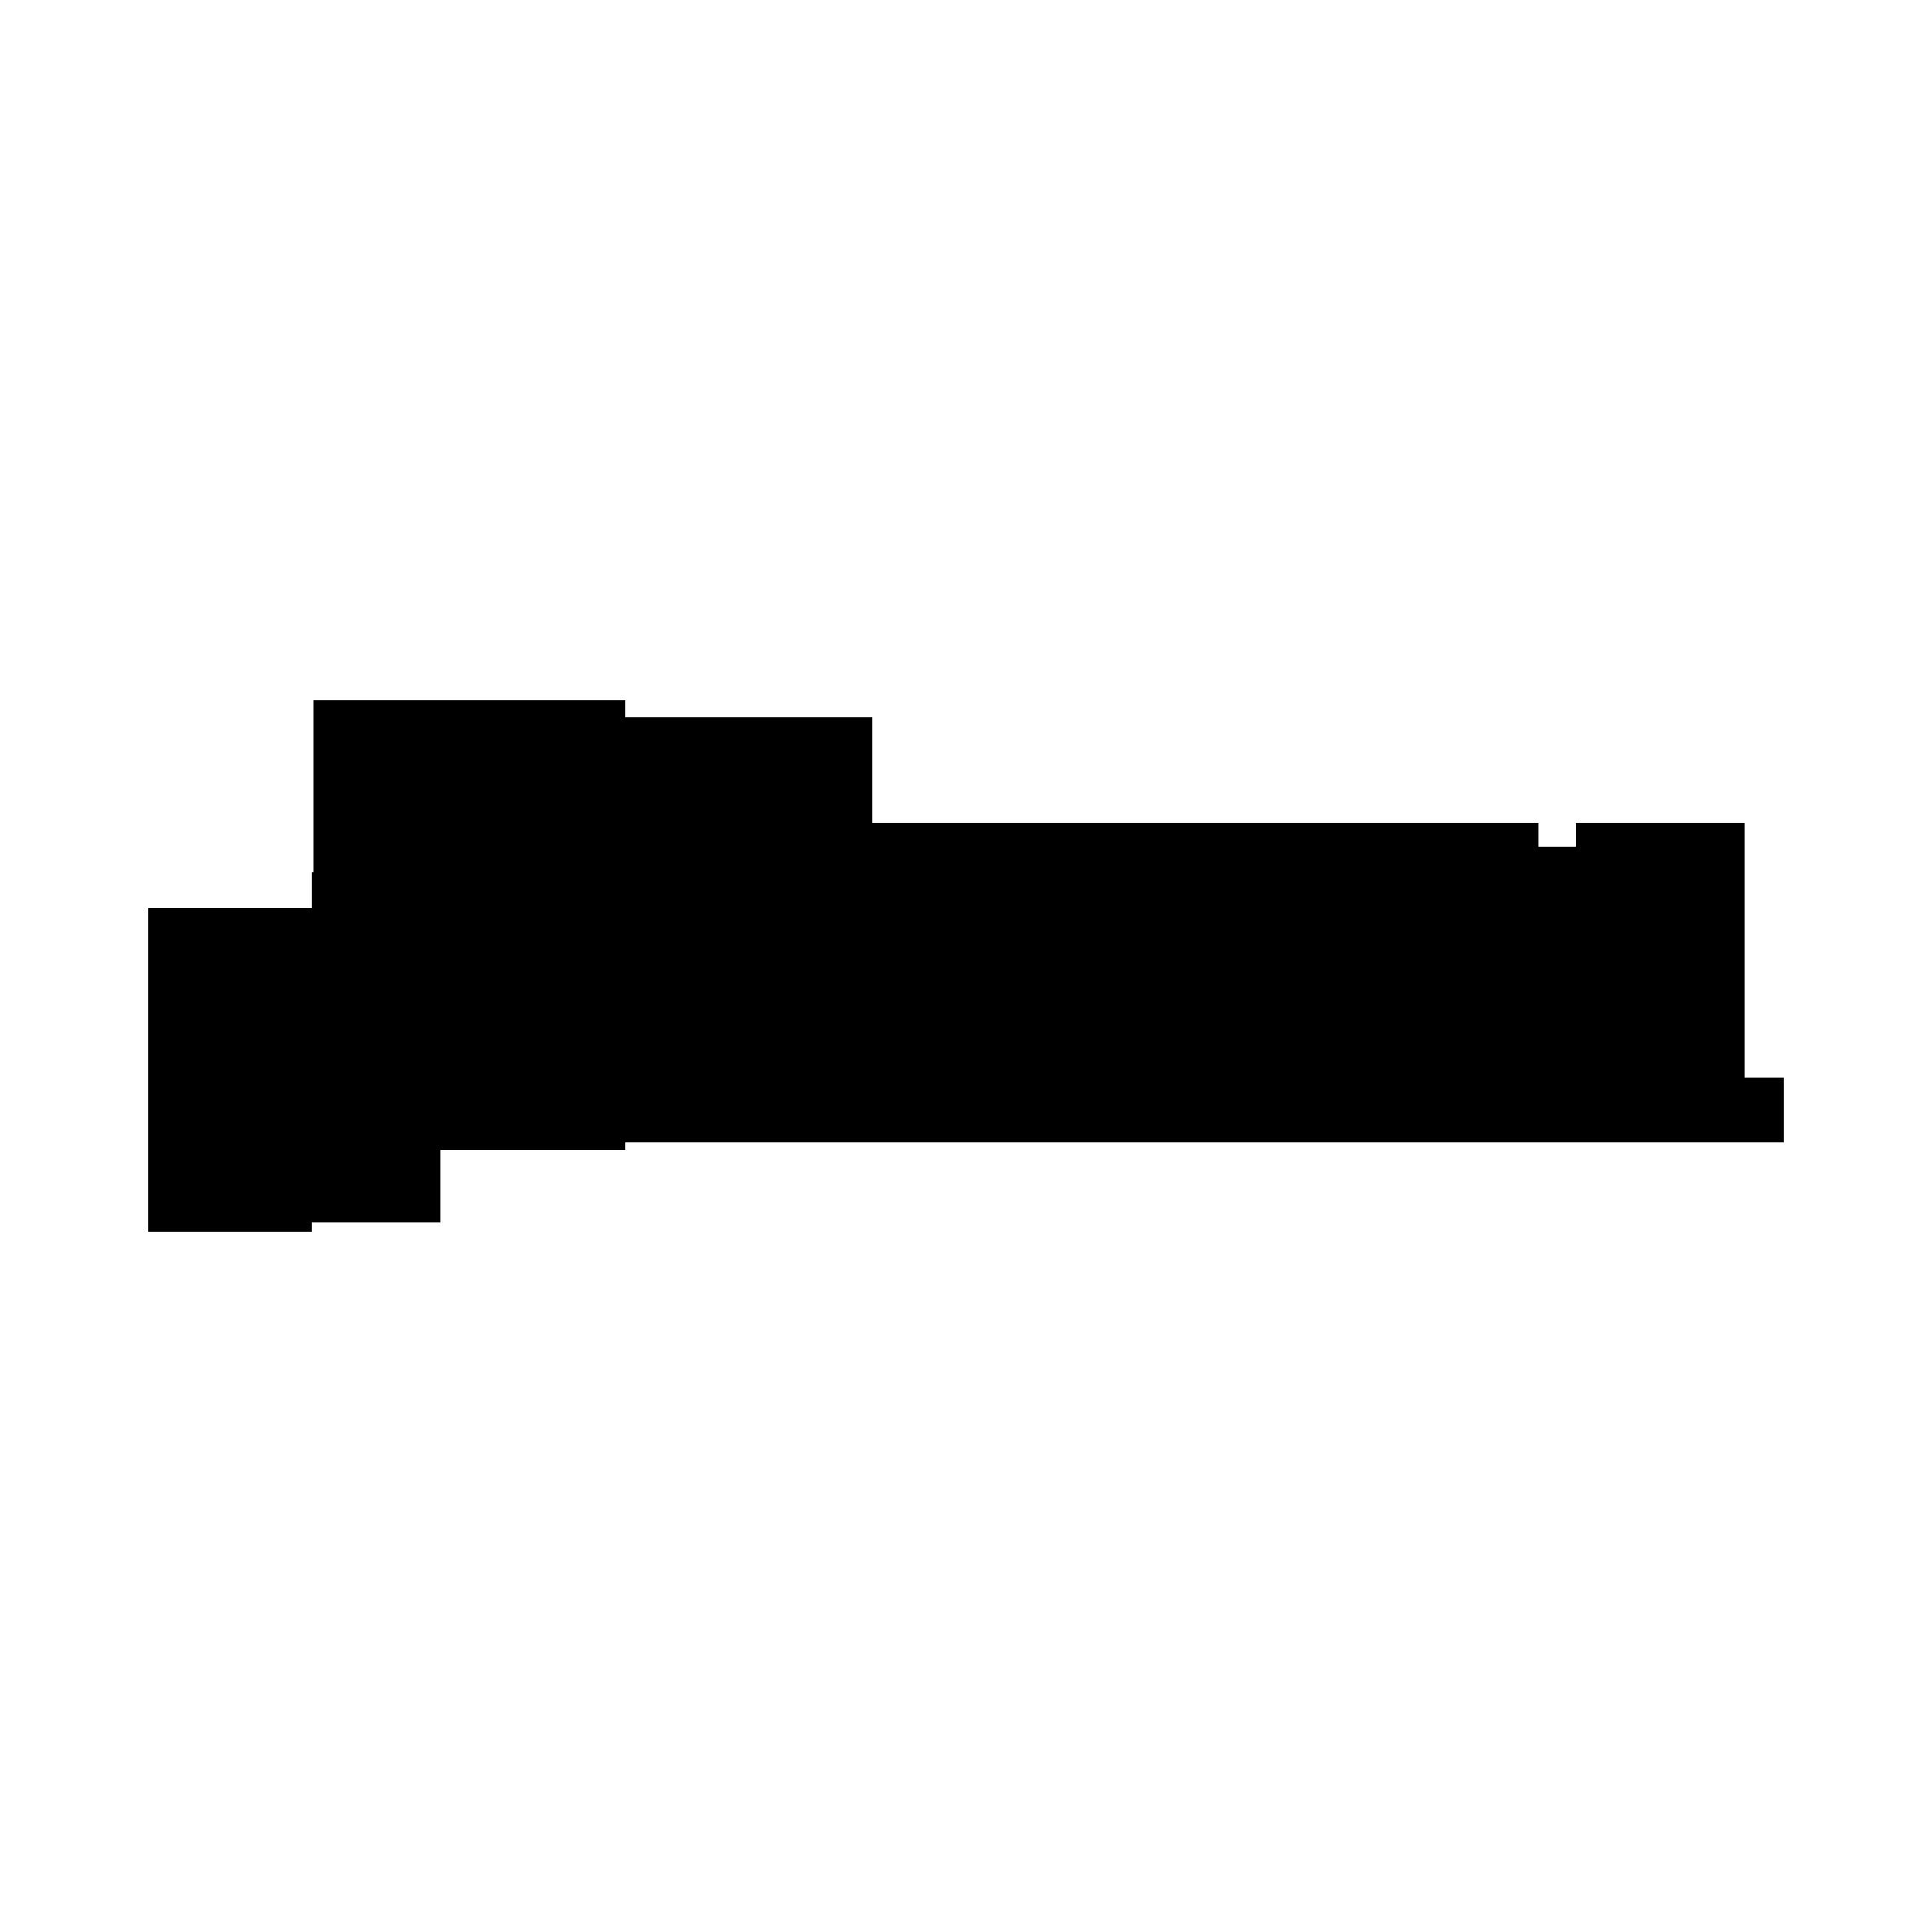 bw Asics-logo-logotype copy.png